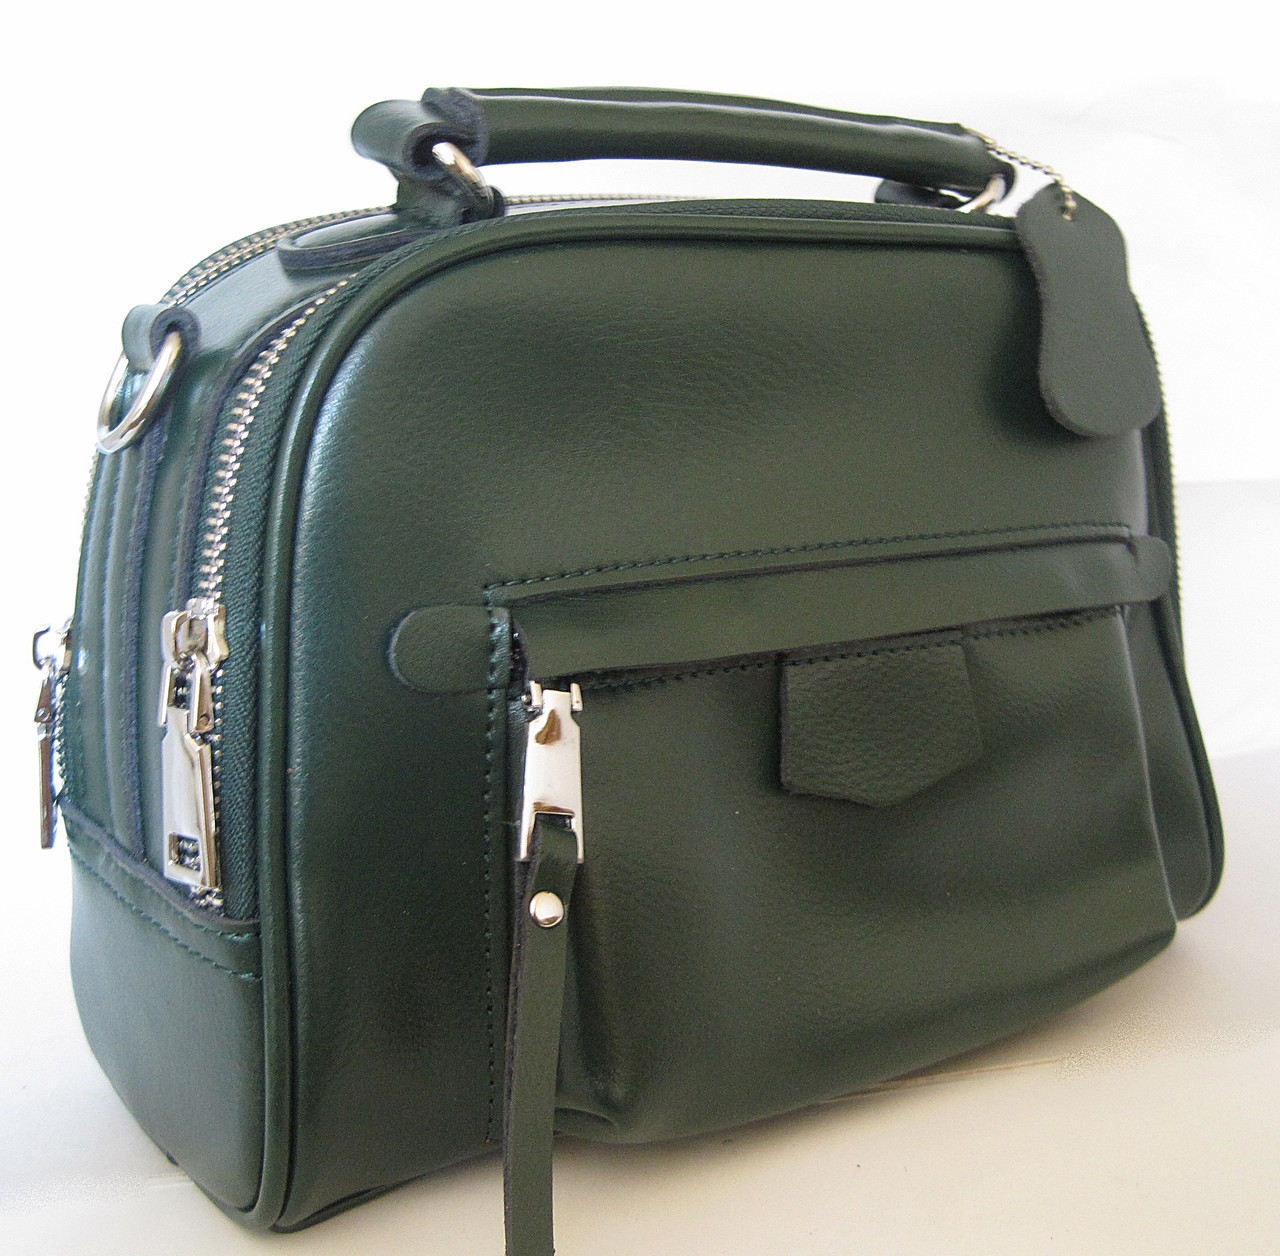 df0d895757c6 Женский кожаная сумка клатч 078 Green Женская кожаная сумка, кожаный женский  клатч